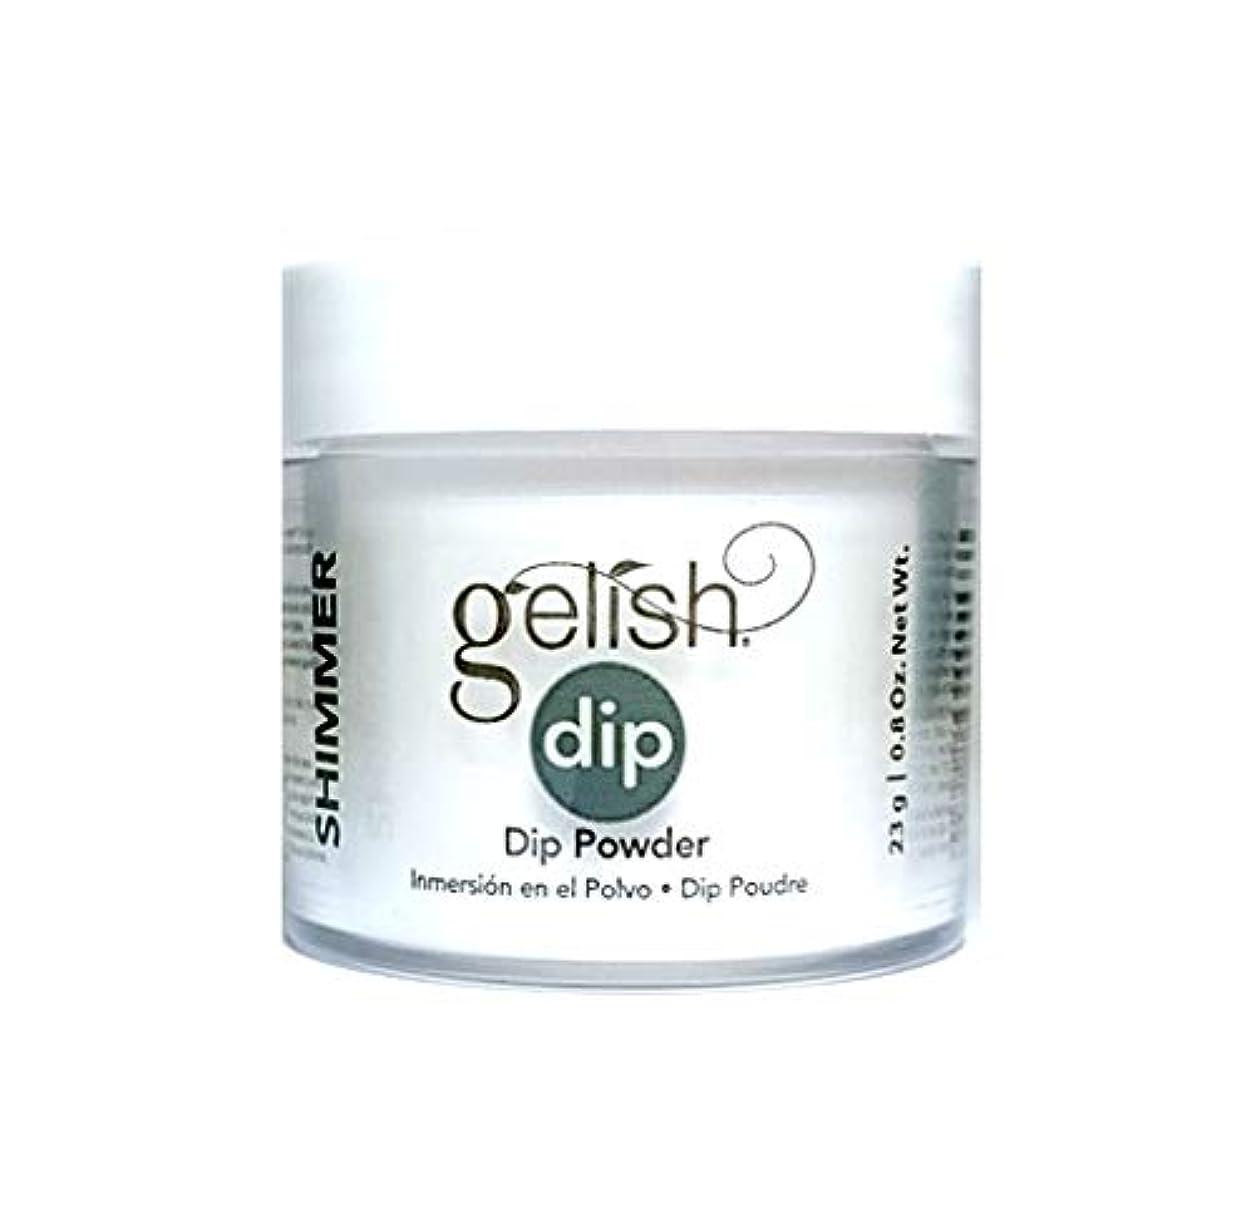 葉を拾う森麦芽Harmony Gelish - Dip Powder - Izzy Wizzy, Let's Get Busy - 23g / 0.8oz